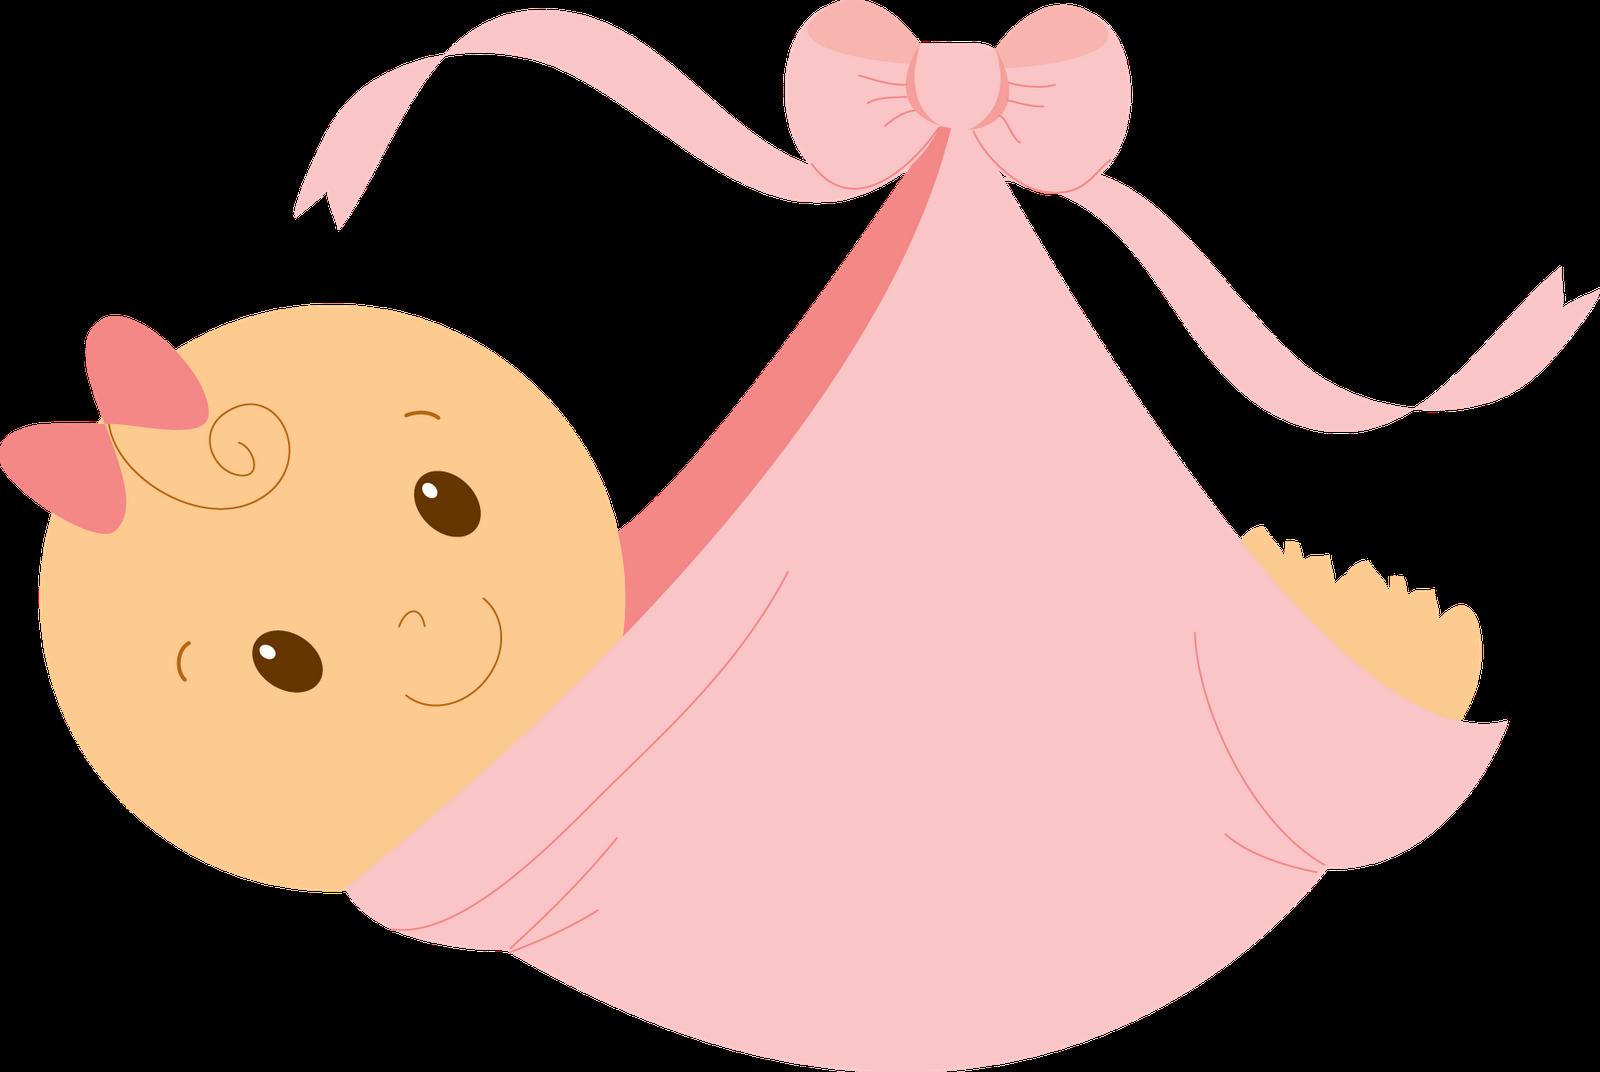 1600x1072 Baby Girl Clip Art Abra A Imagem Em Outra Aba P Salvar Em Seu